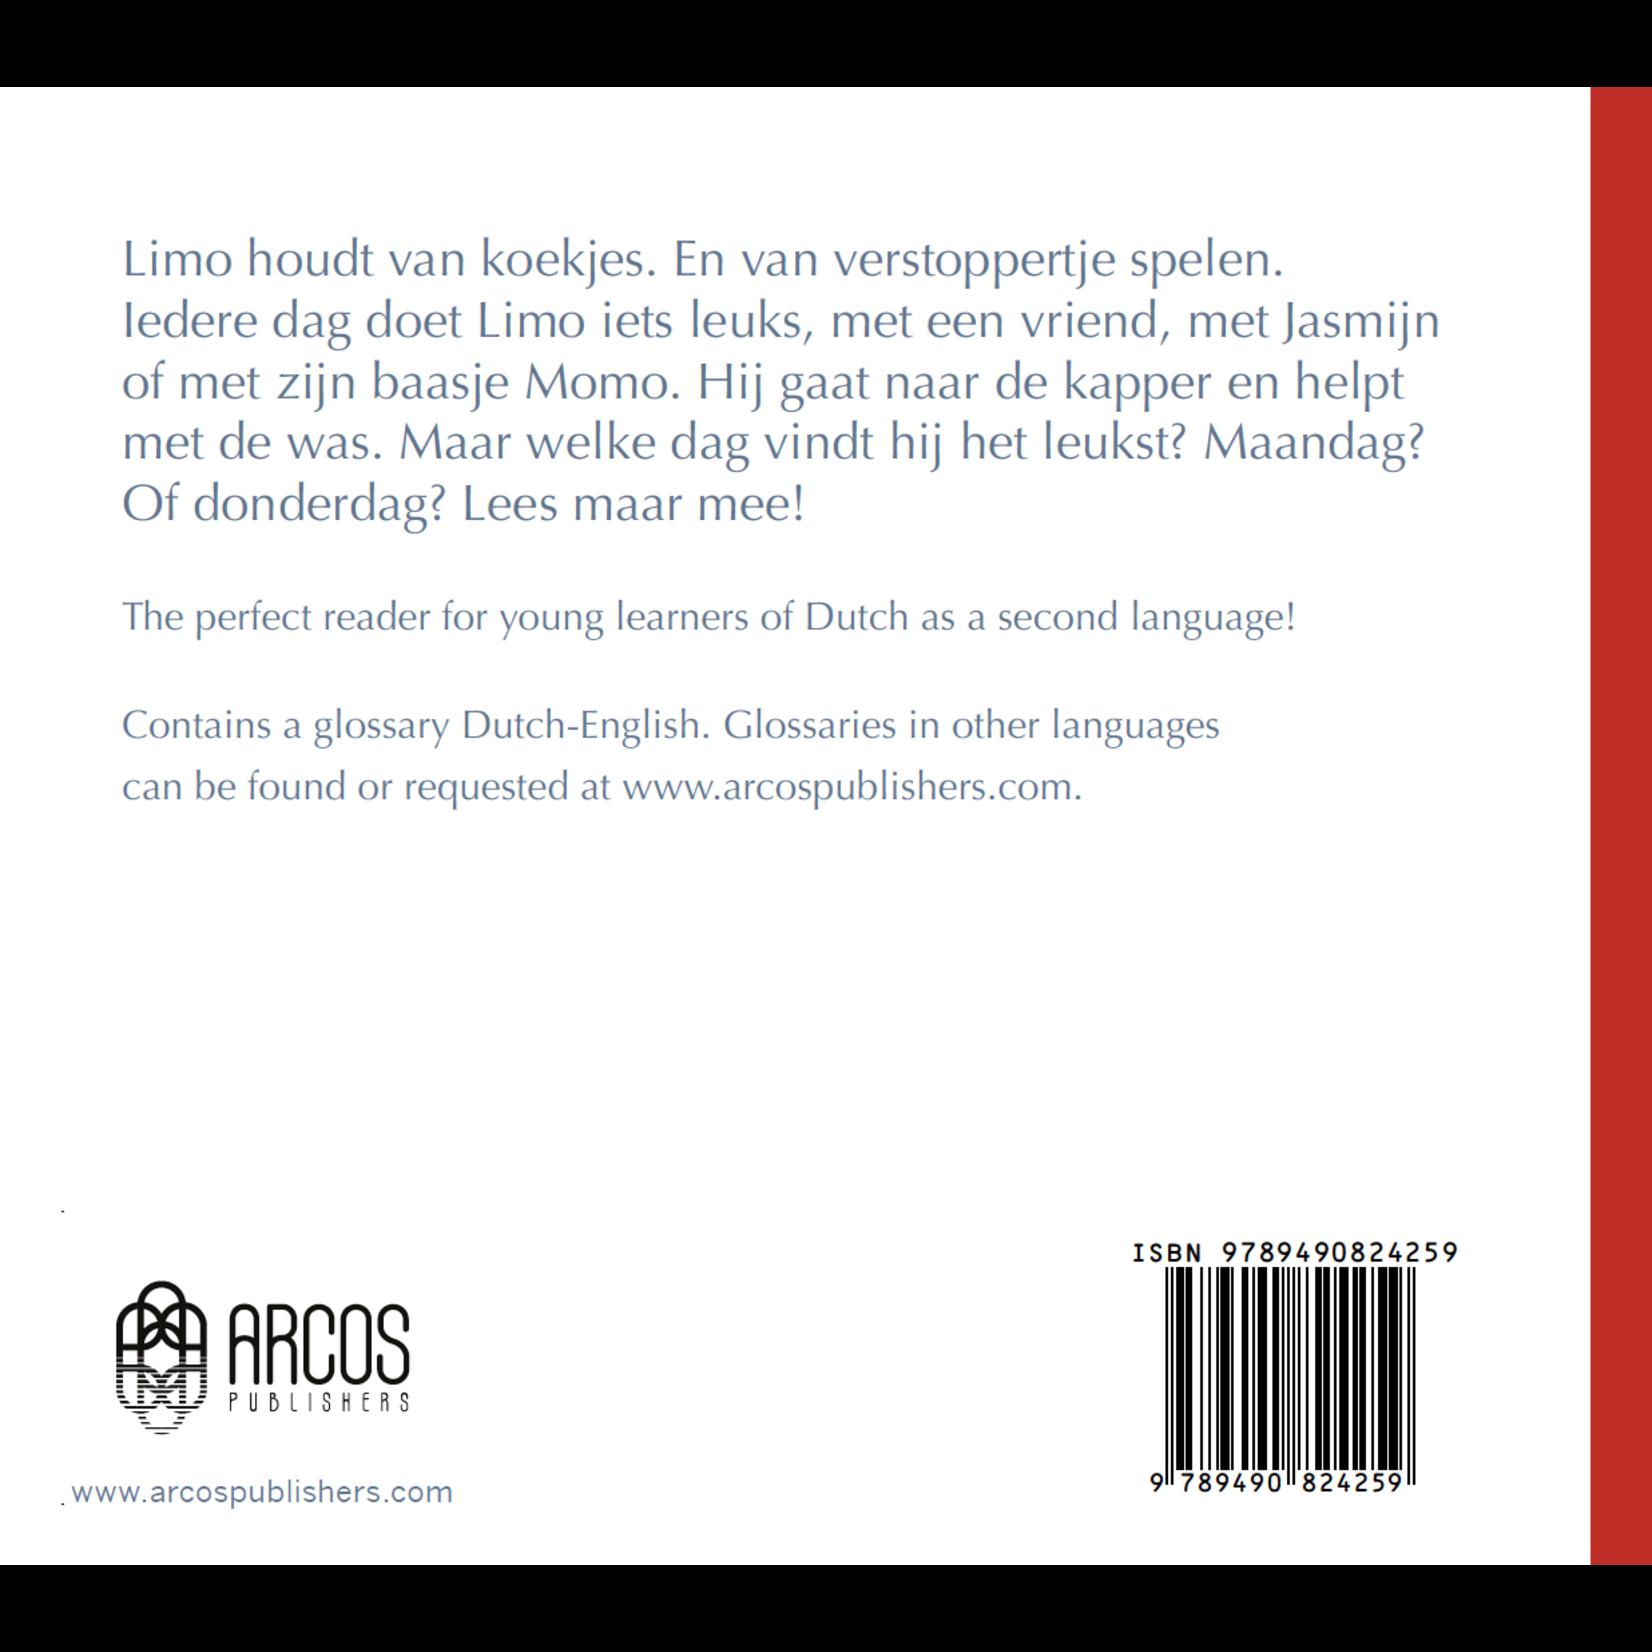 Arcos Publishers Limo - De leukste dag van de week